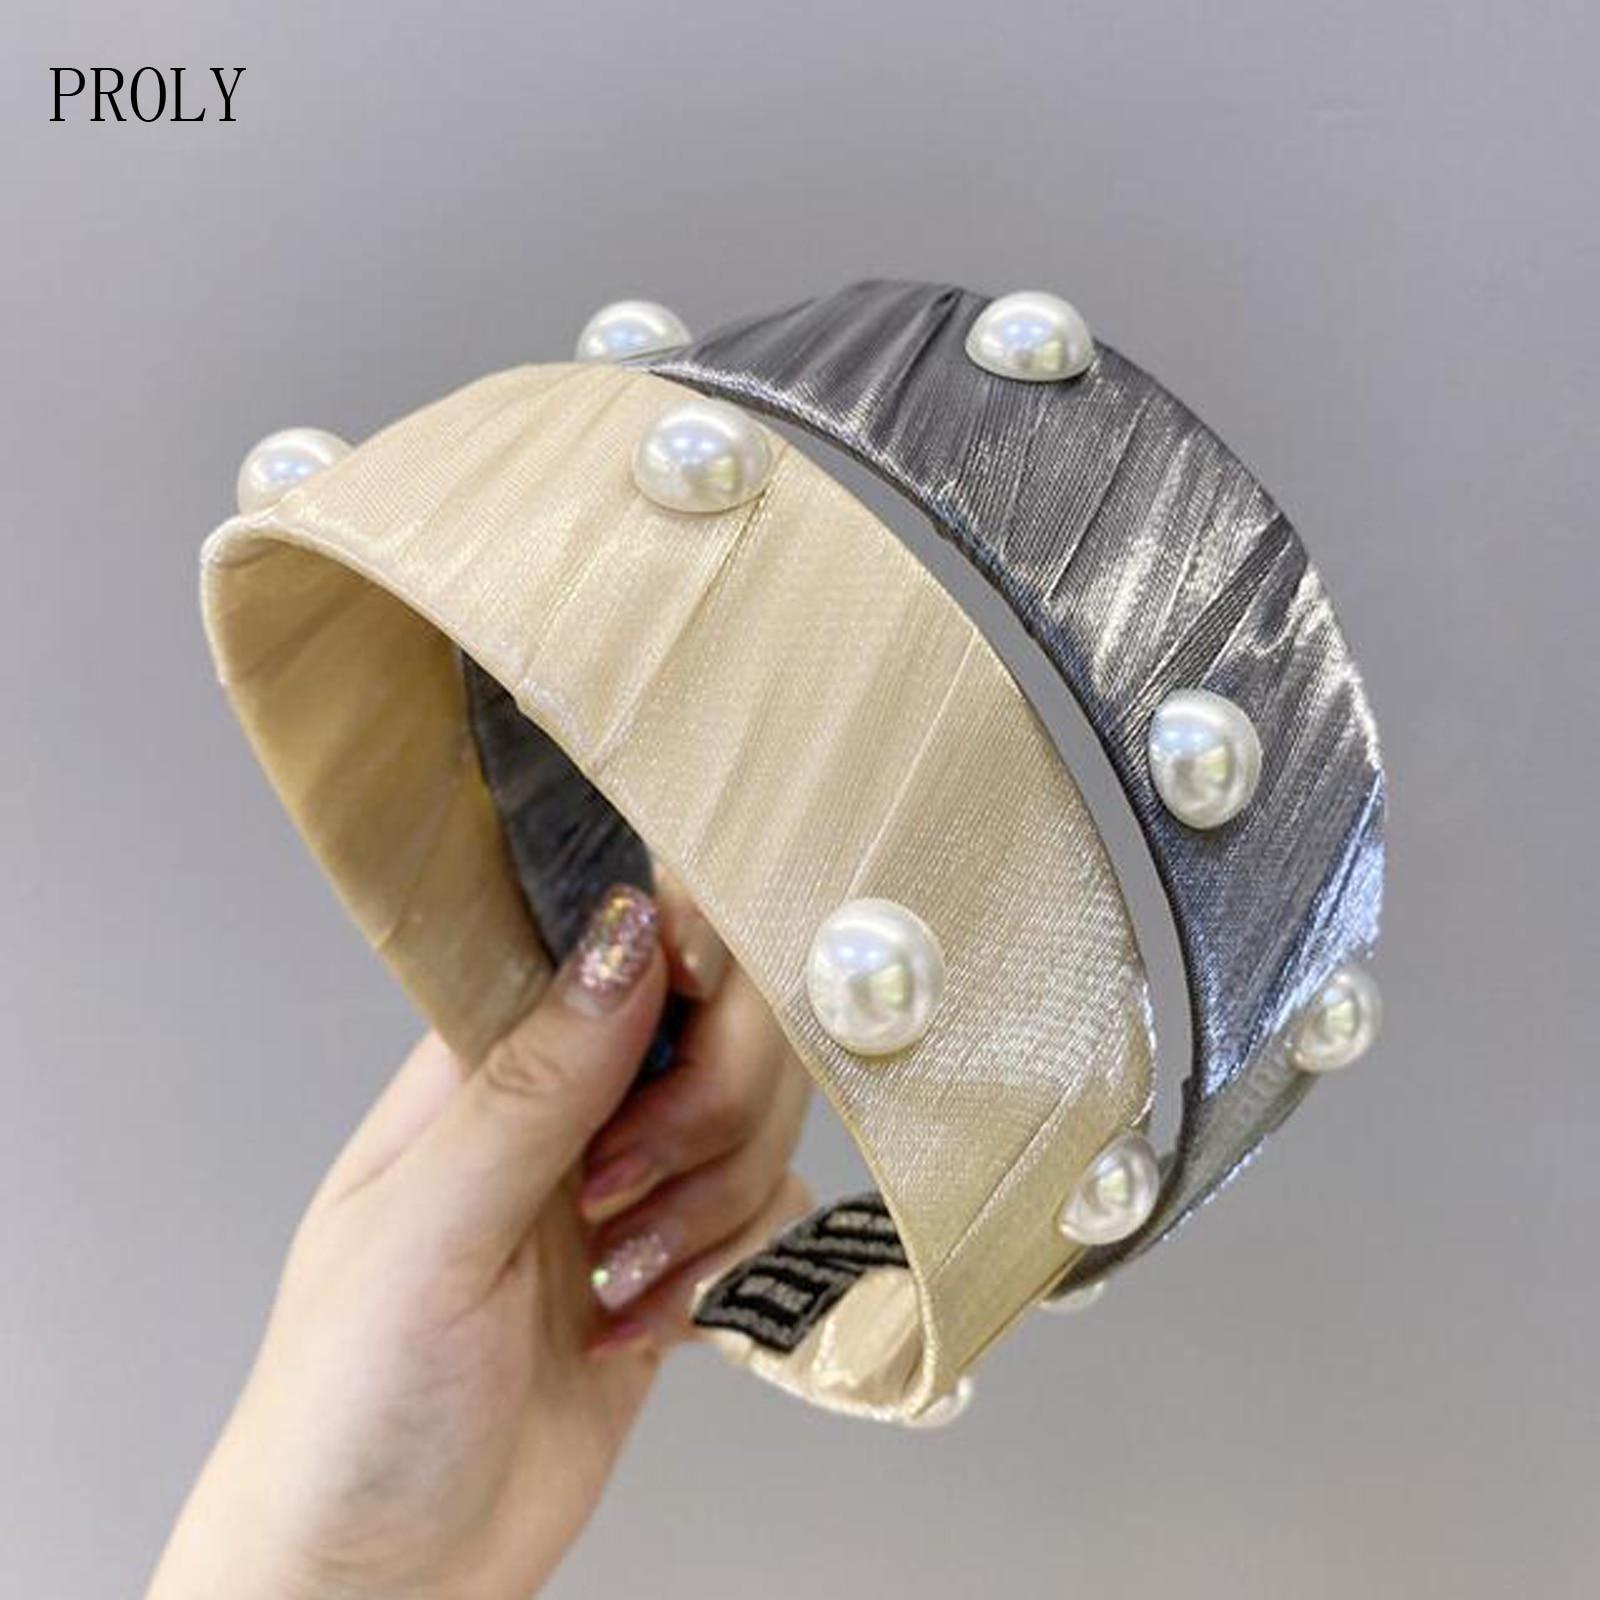 Женская Мягкая повязка на голову PROLY, летняя сетчатая повязка с жемчужинами, широкий тюрбан, Классические повседневные аксессуары для волос